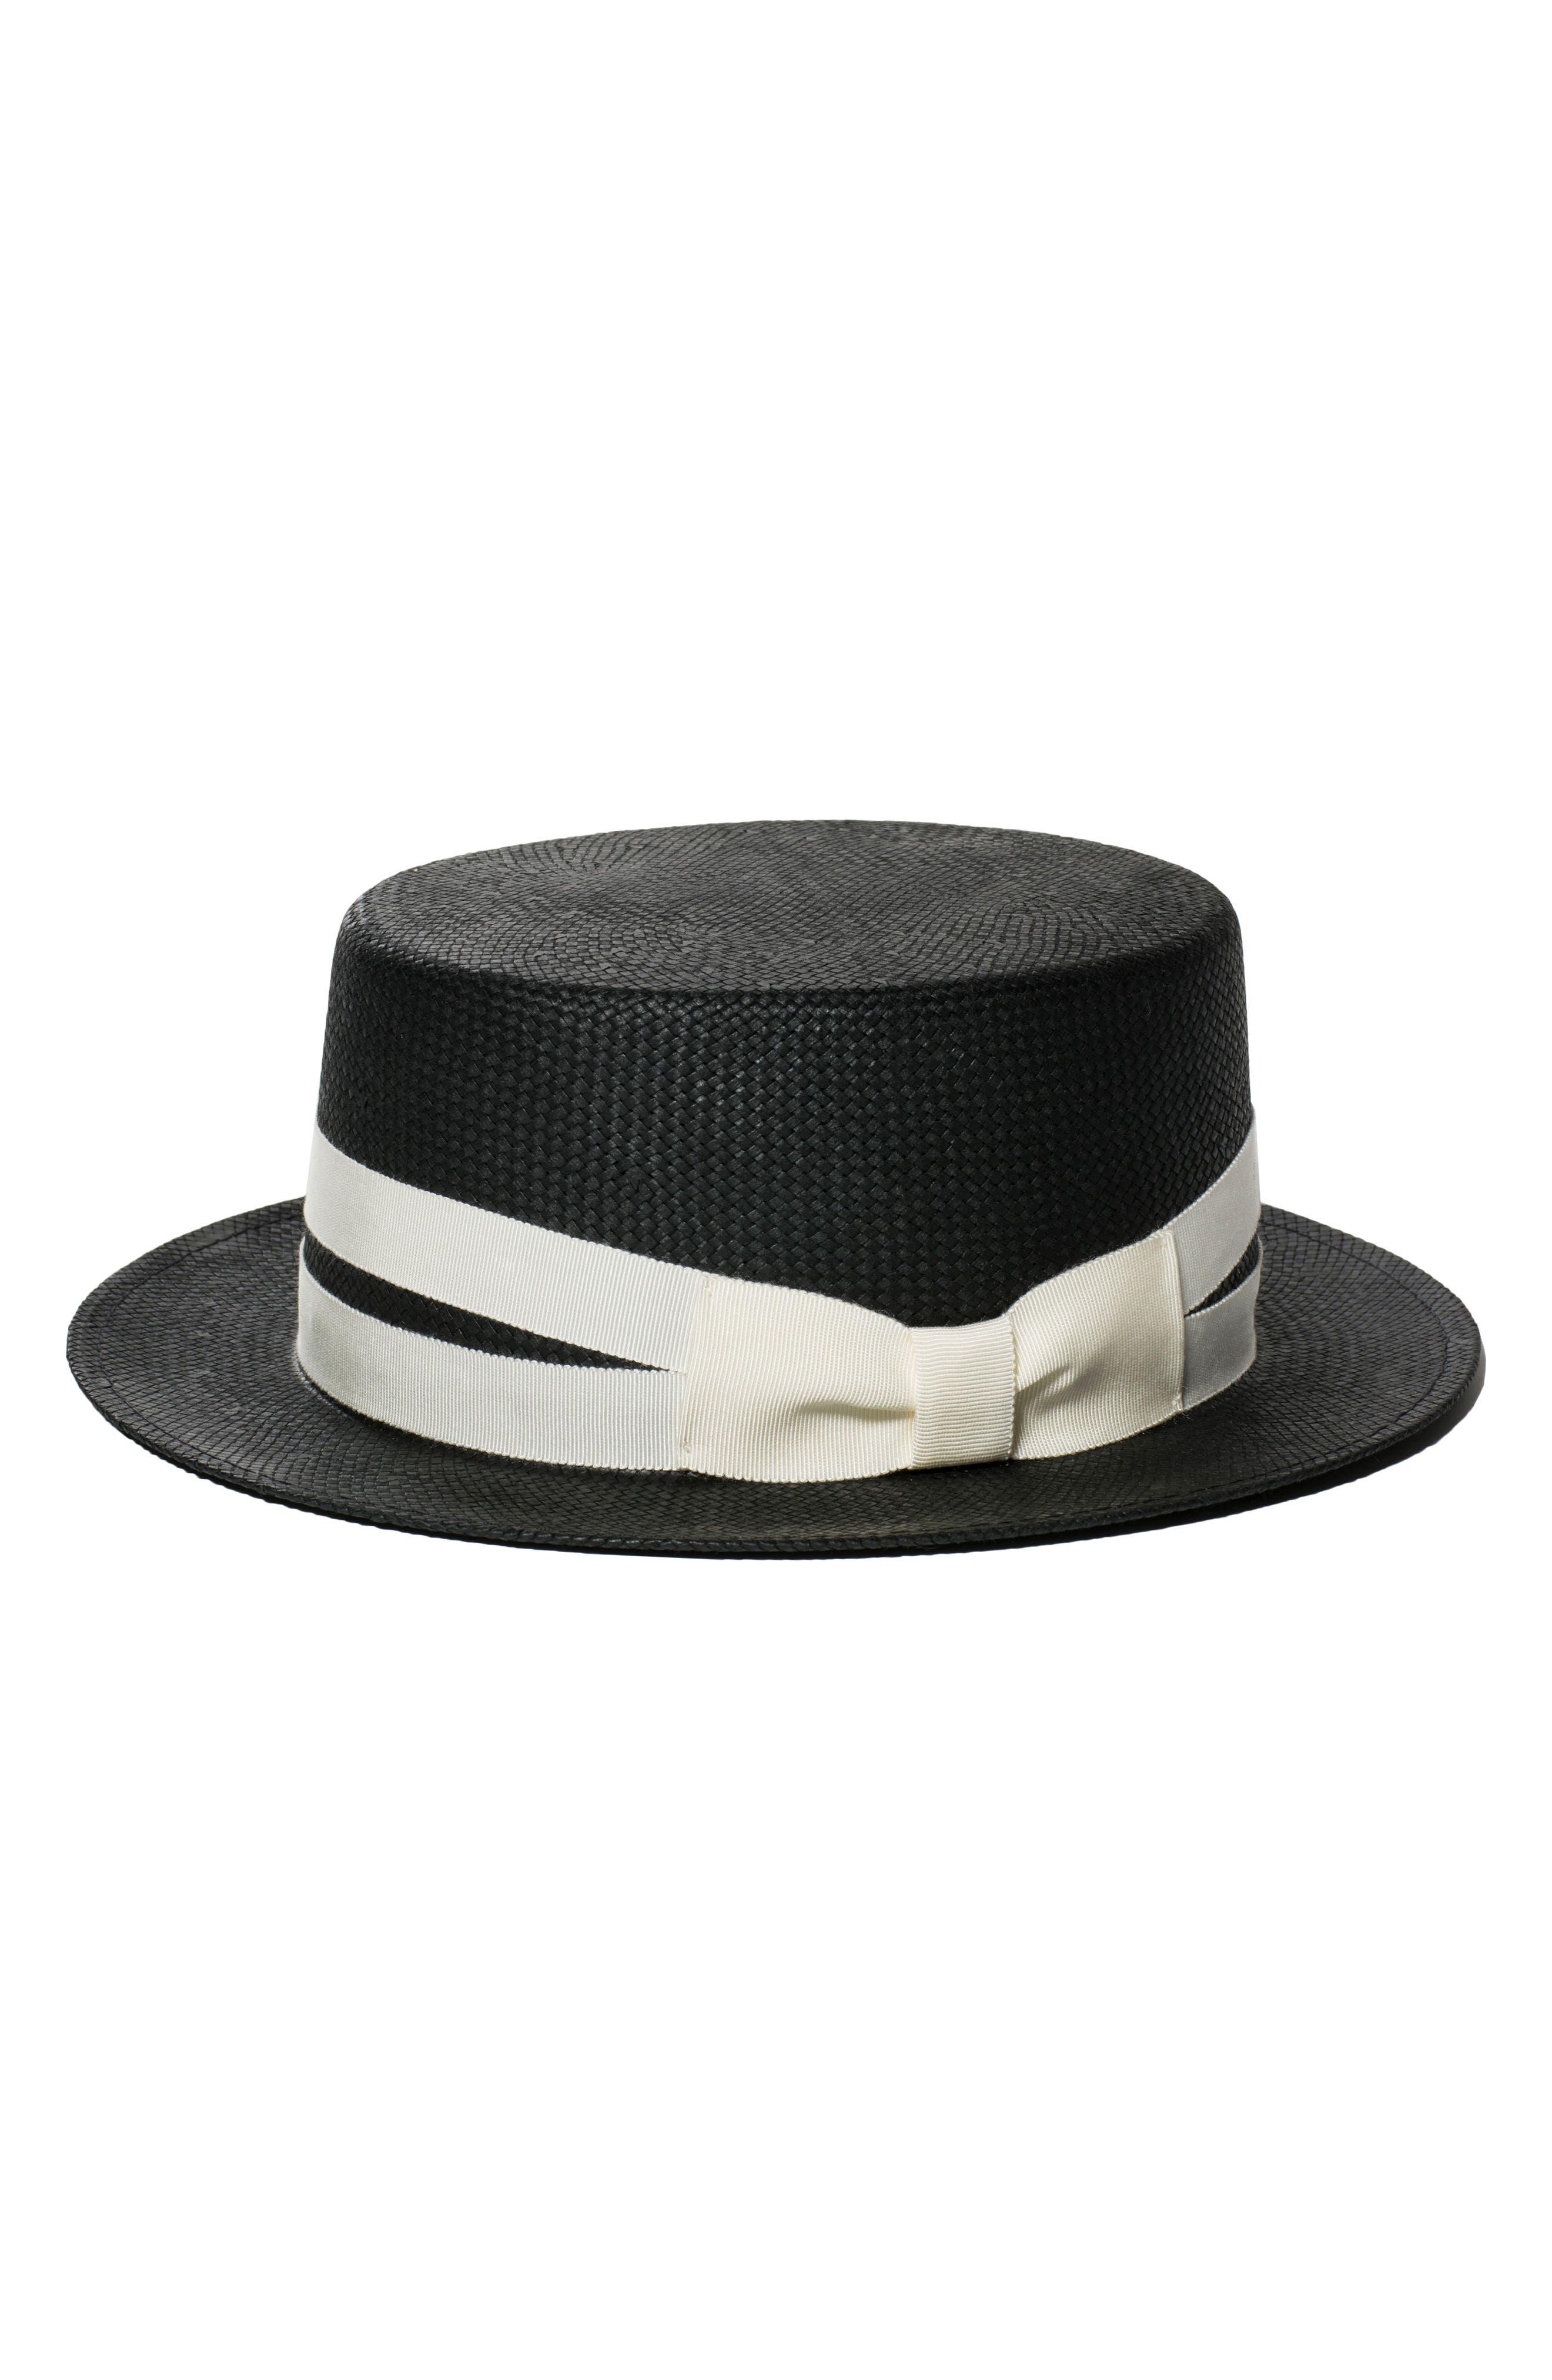 BIJOU VAN NESS THE GEMINI BOATER HAT - BLACK